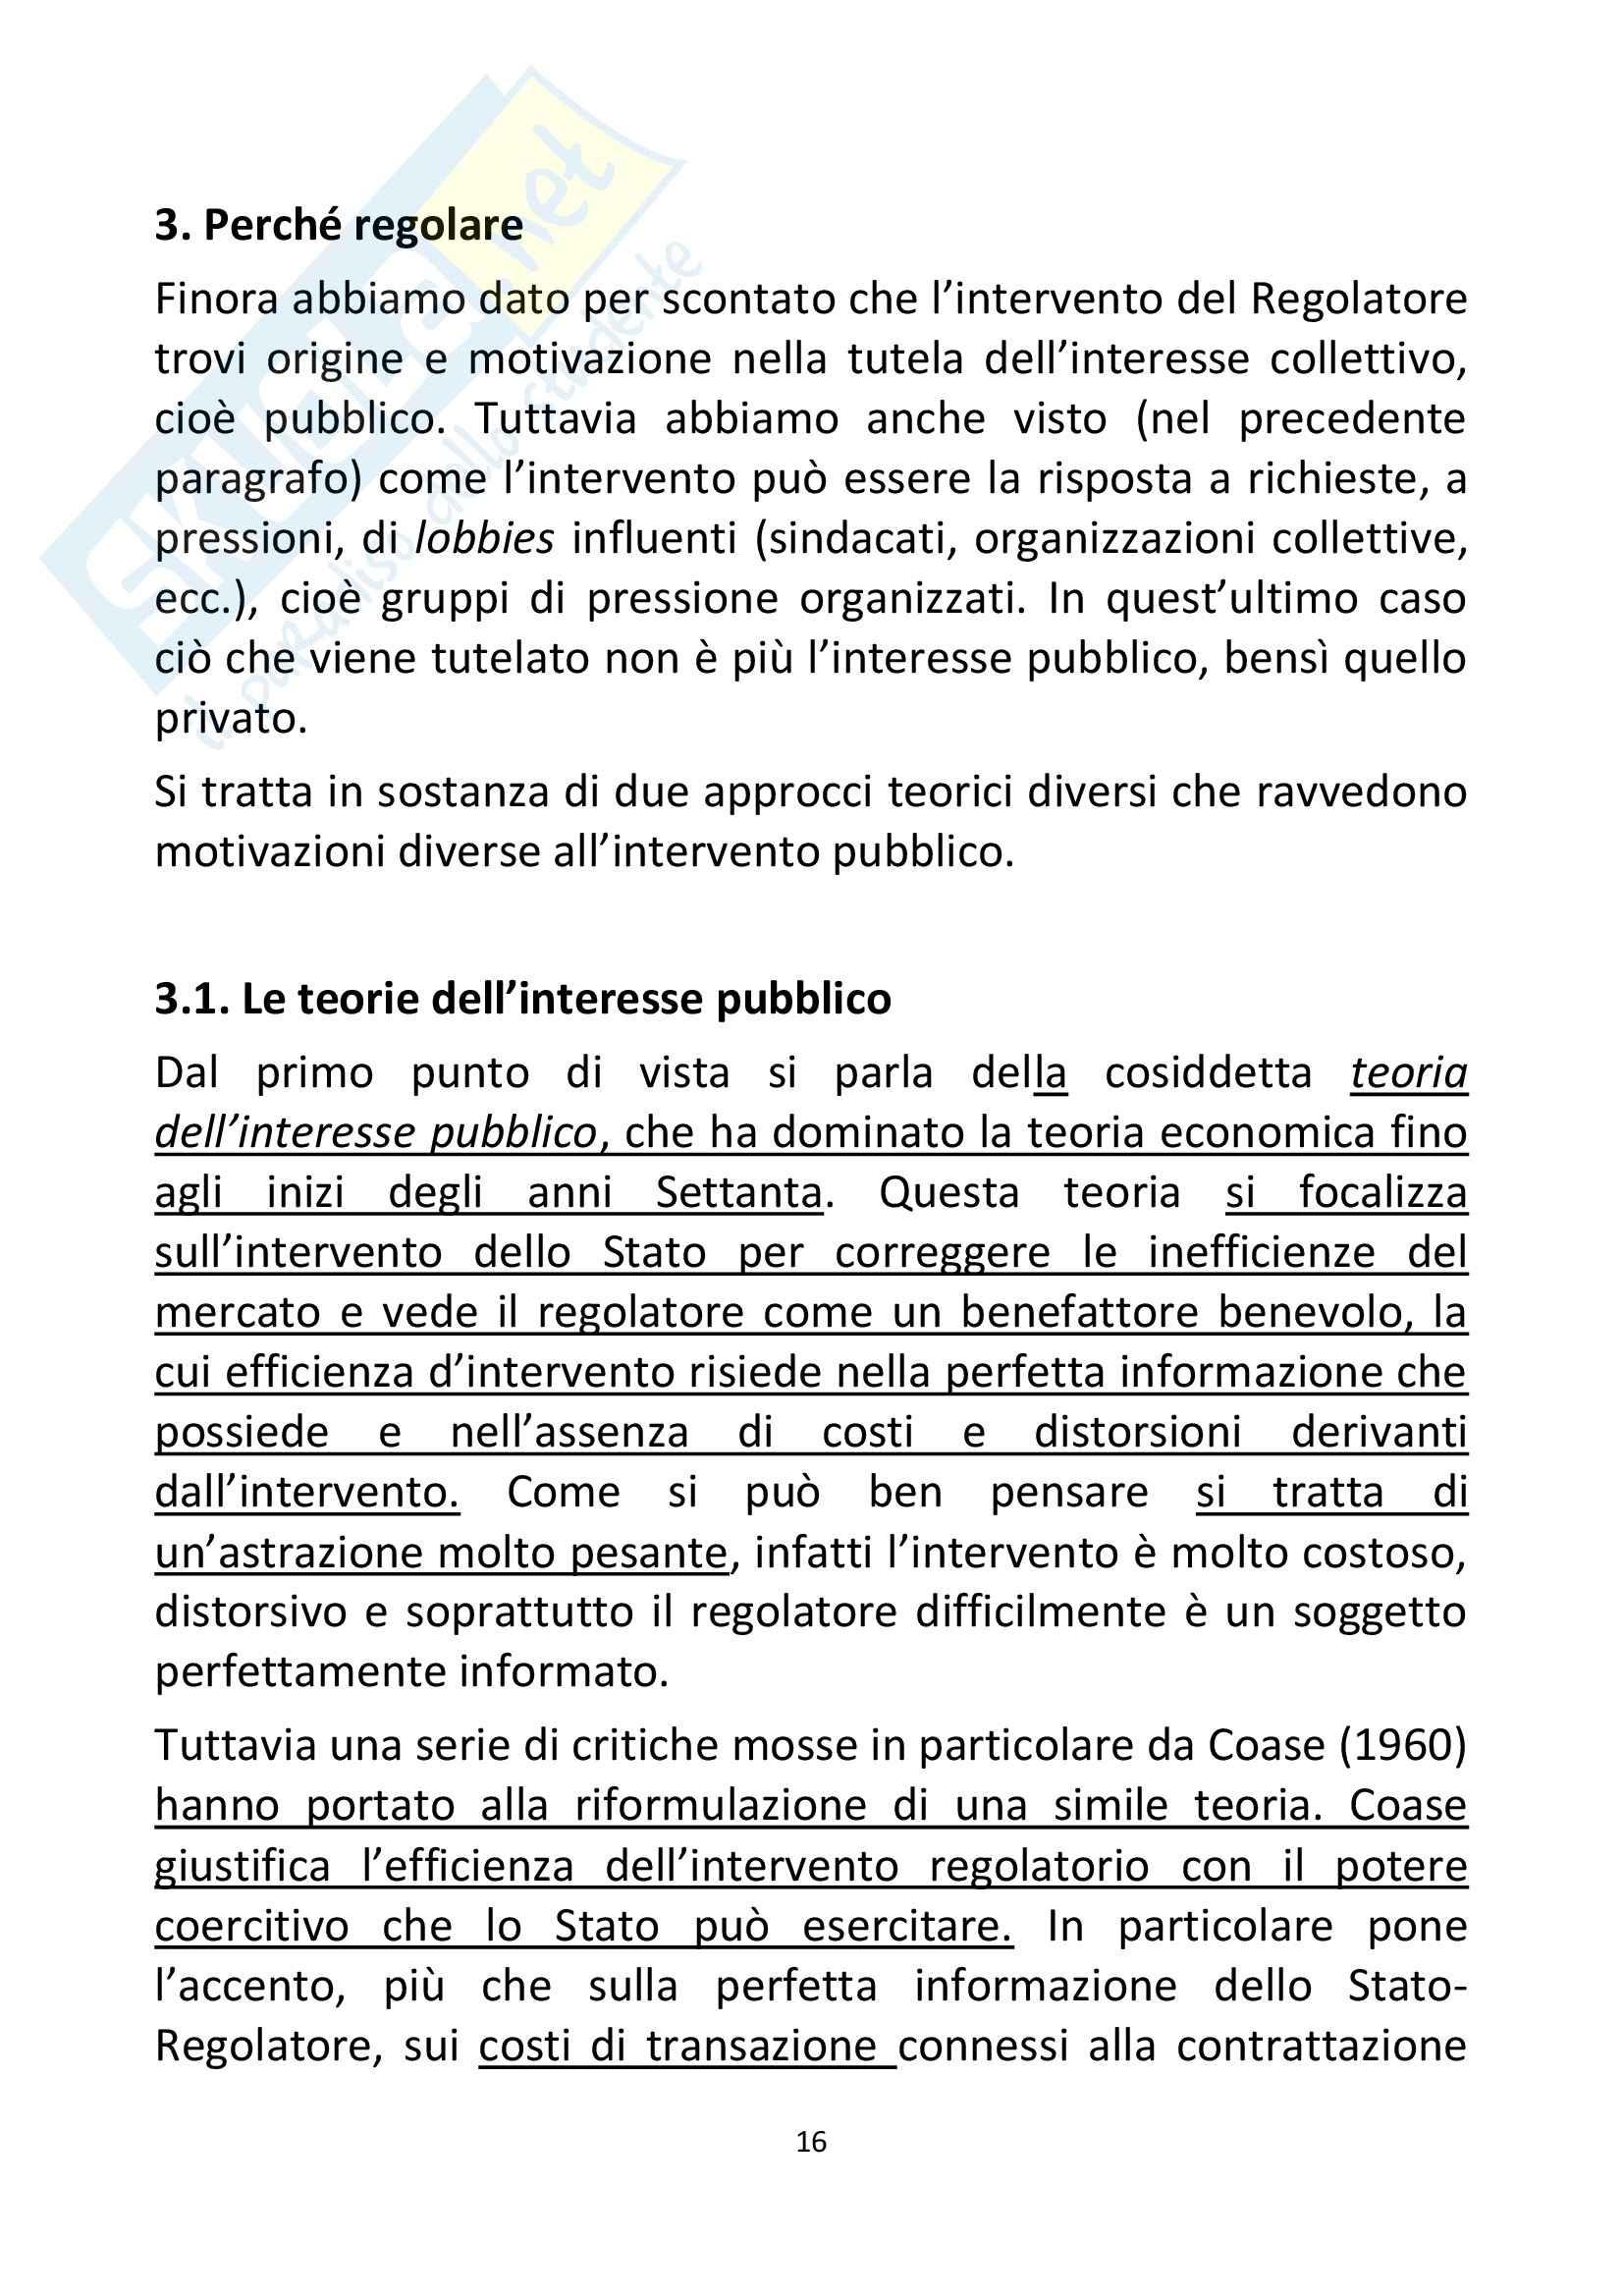 Riassunto esame Economia, prof. Ferrari, libro consigliato Regolazione dei servizi infrastrutturali, teoria e pratica,Marzi, Prosperetti, Putzu Pag. 16